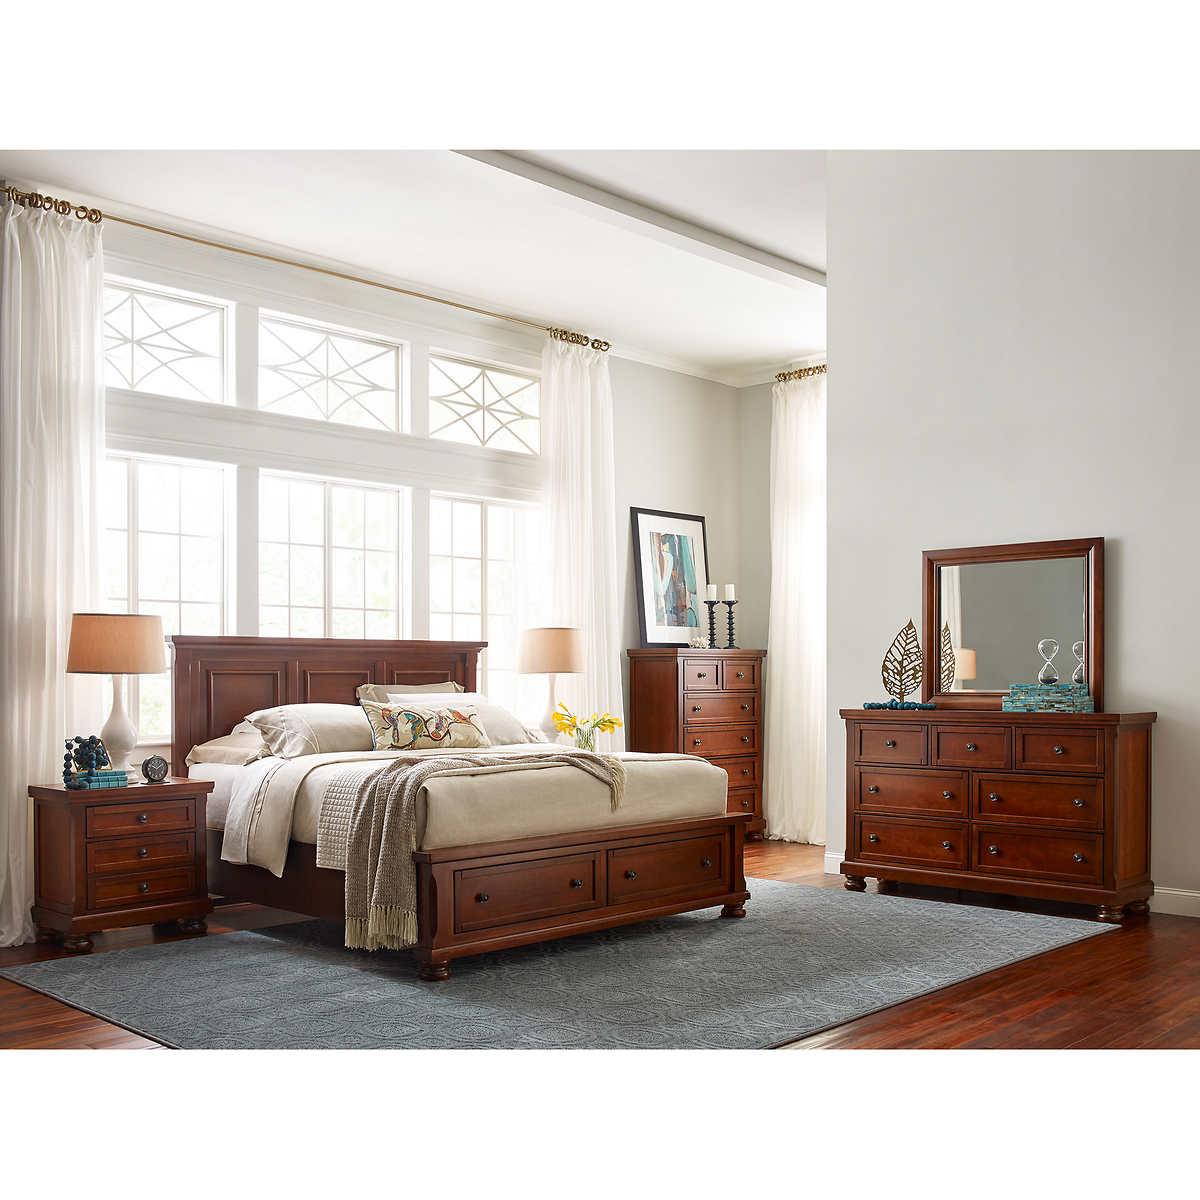 Master Bedroom King Sets king bedroom sets | costco